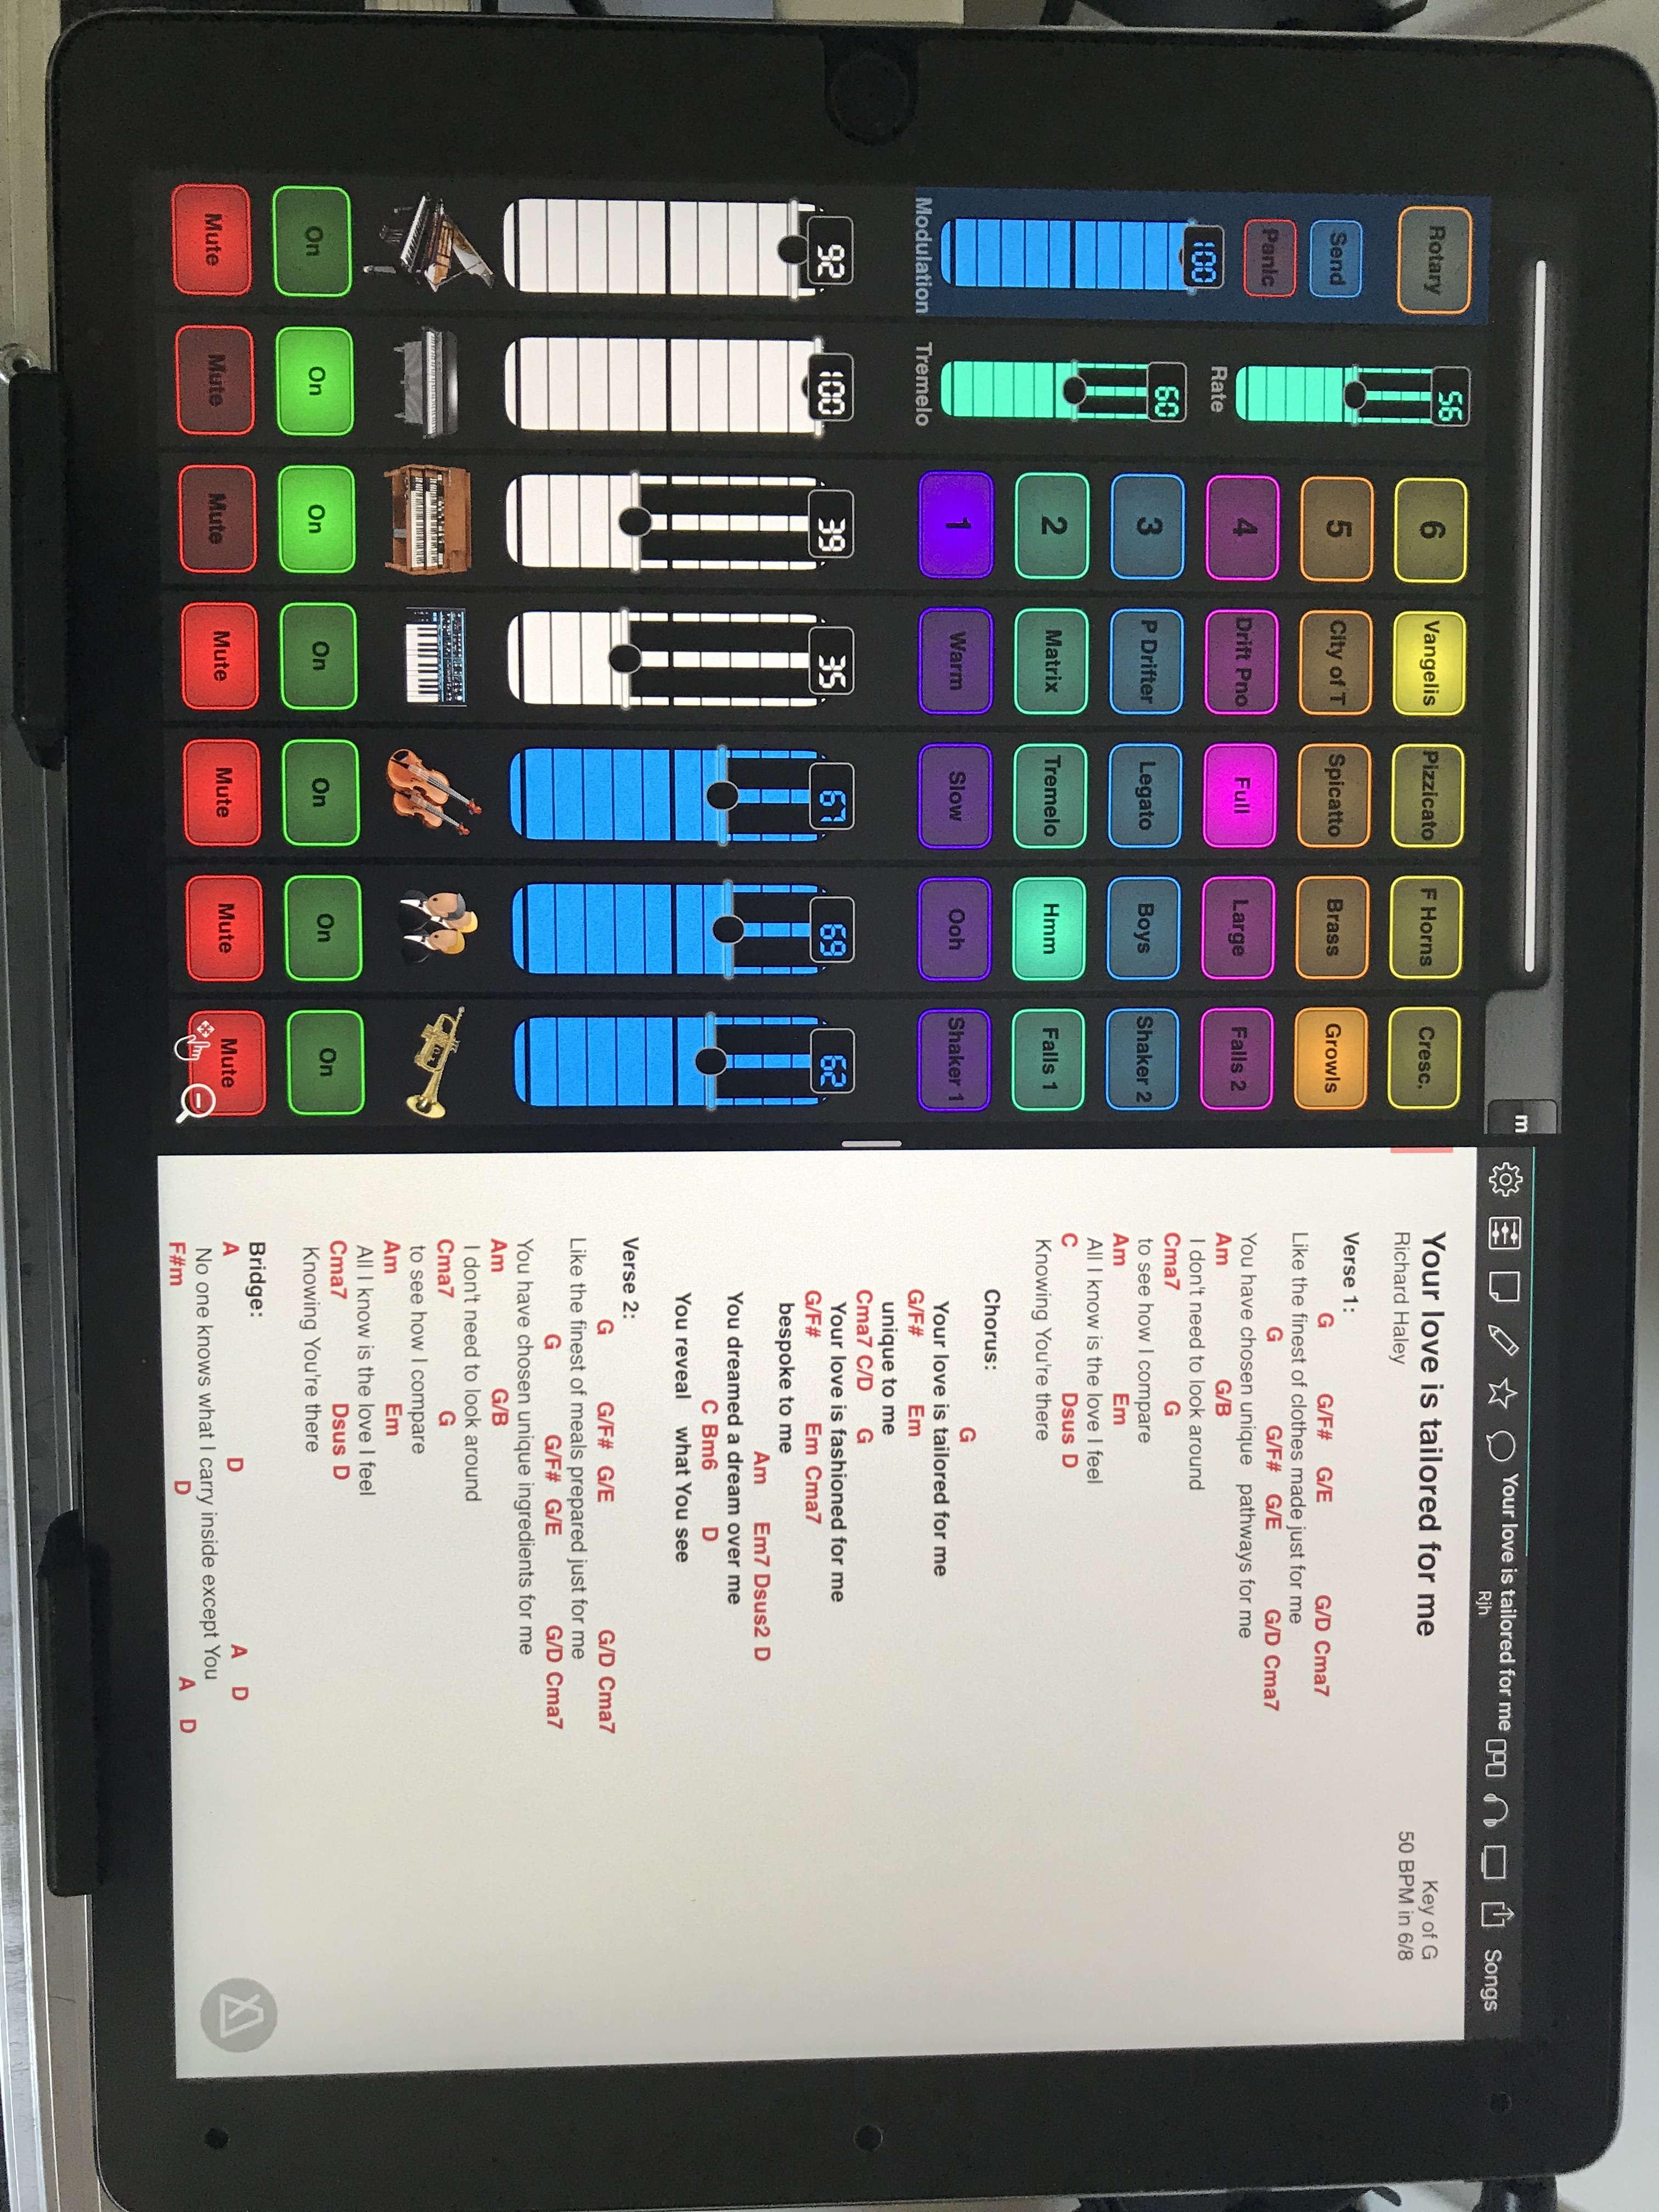 IOS keyboard rig complete — Audiobus Forum